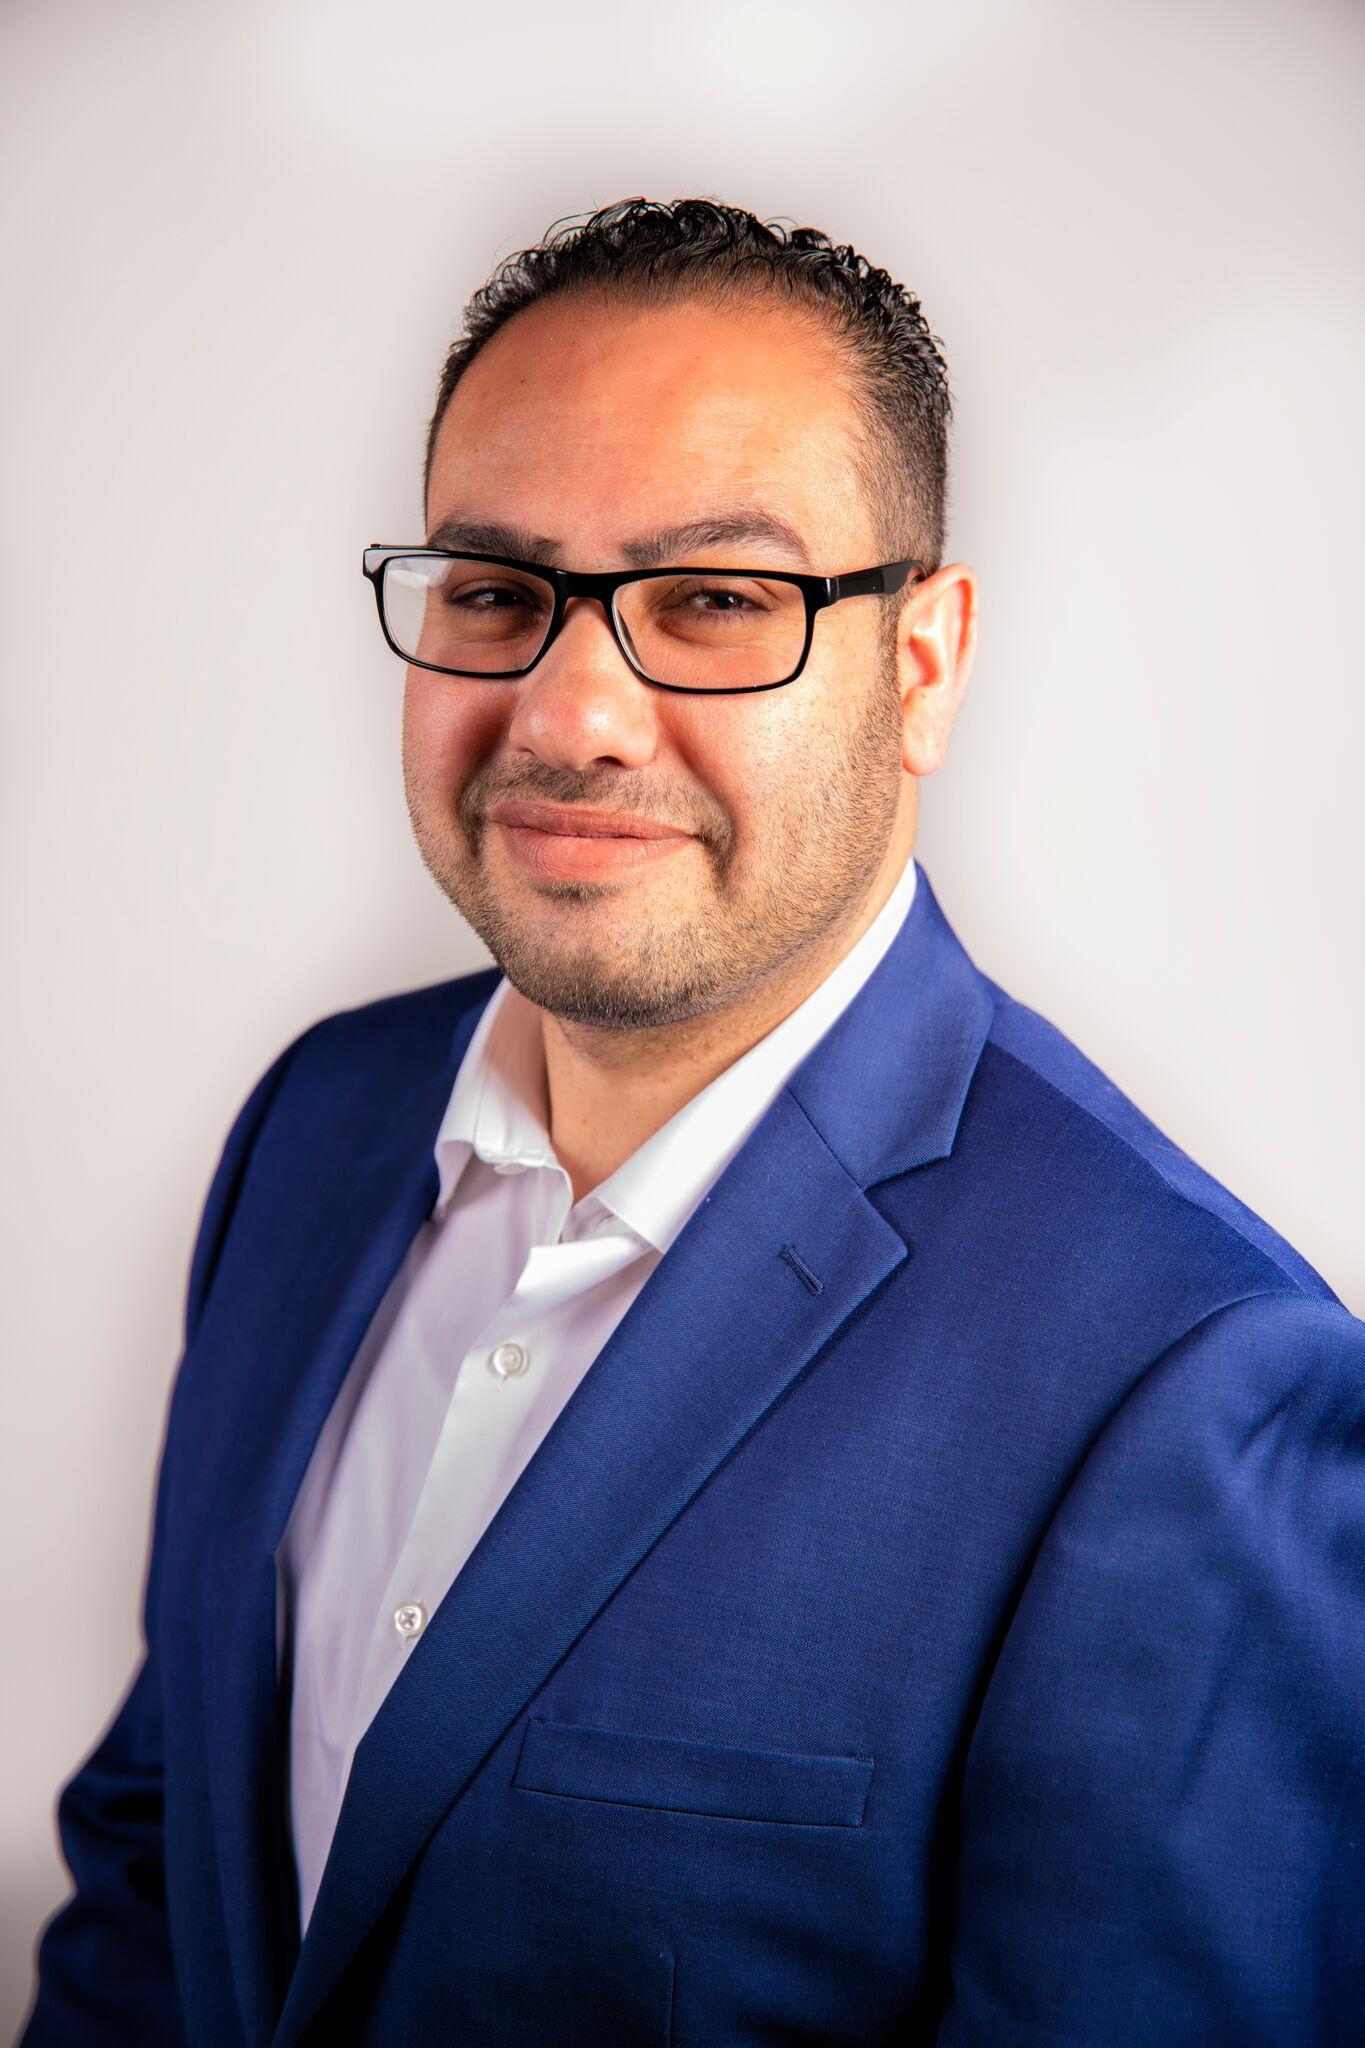 Ayman undefined Atallah